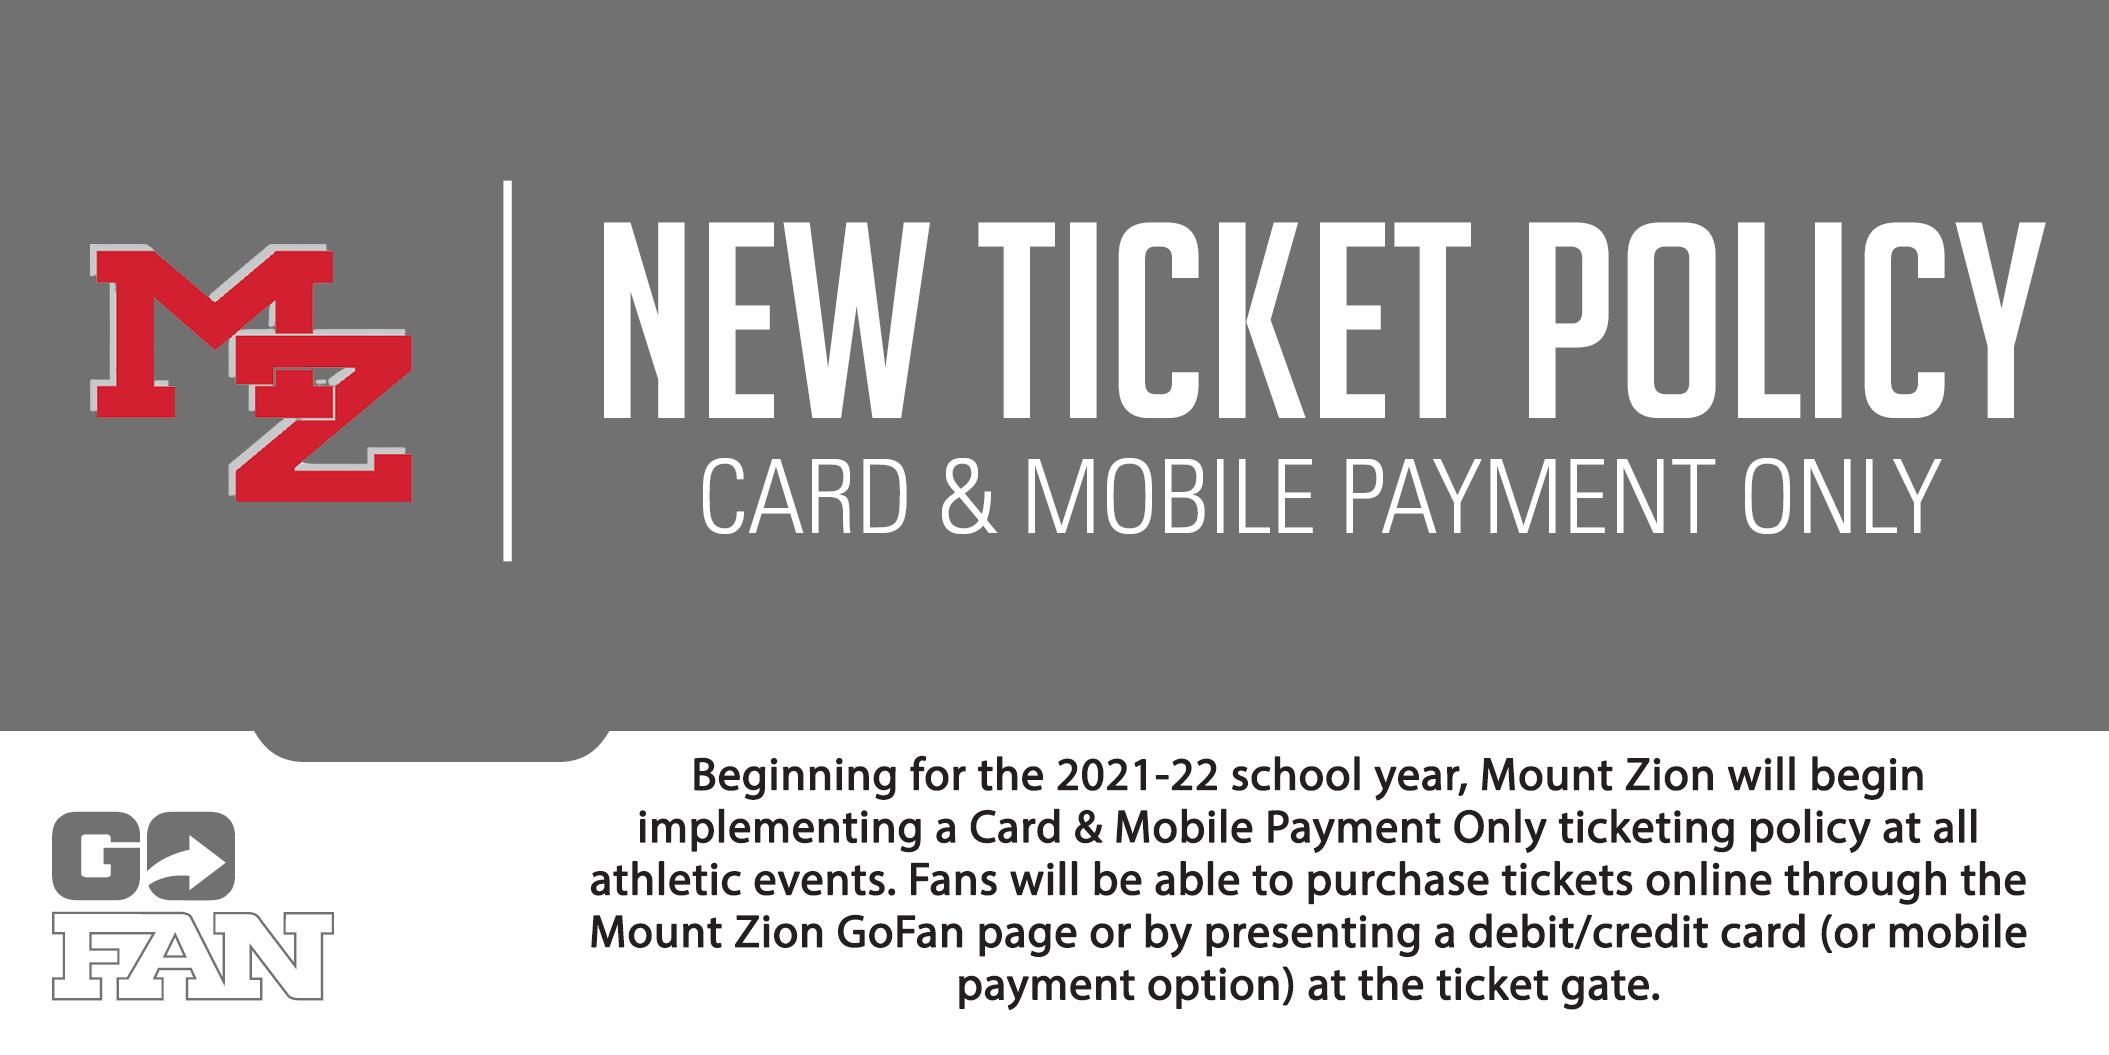 GoFan Ticket Information